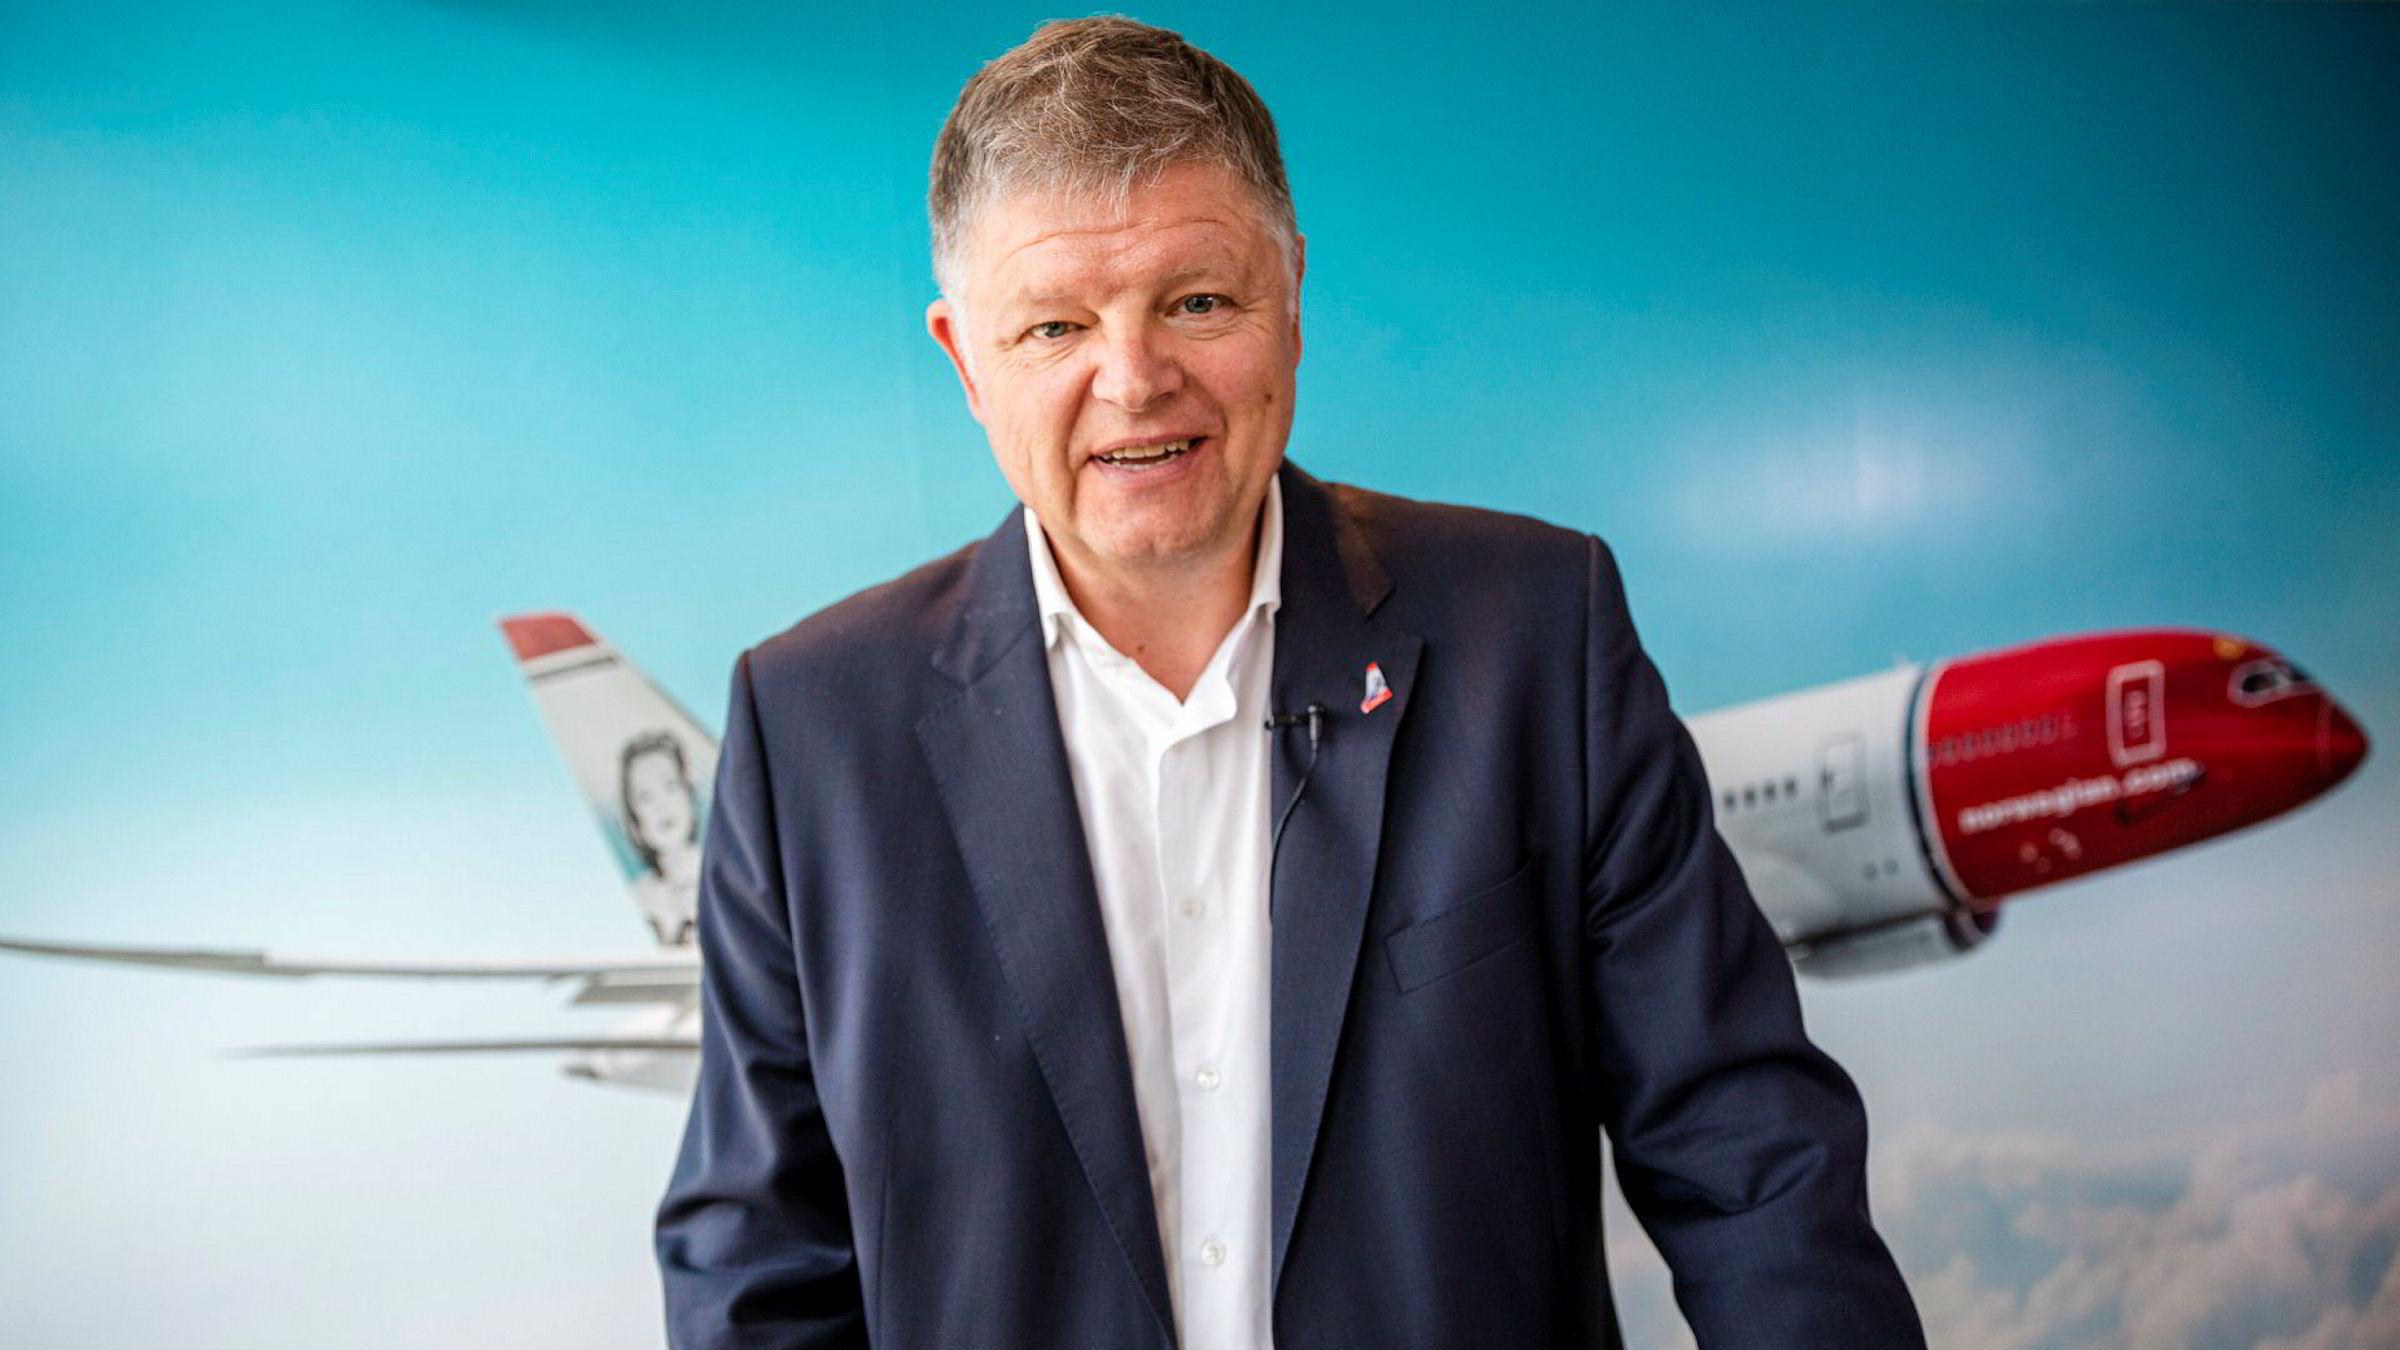 Norwegian sjef Jacob Schram har pressekonferanse etter generalforsamlingen.